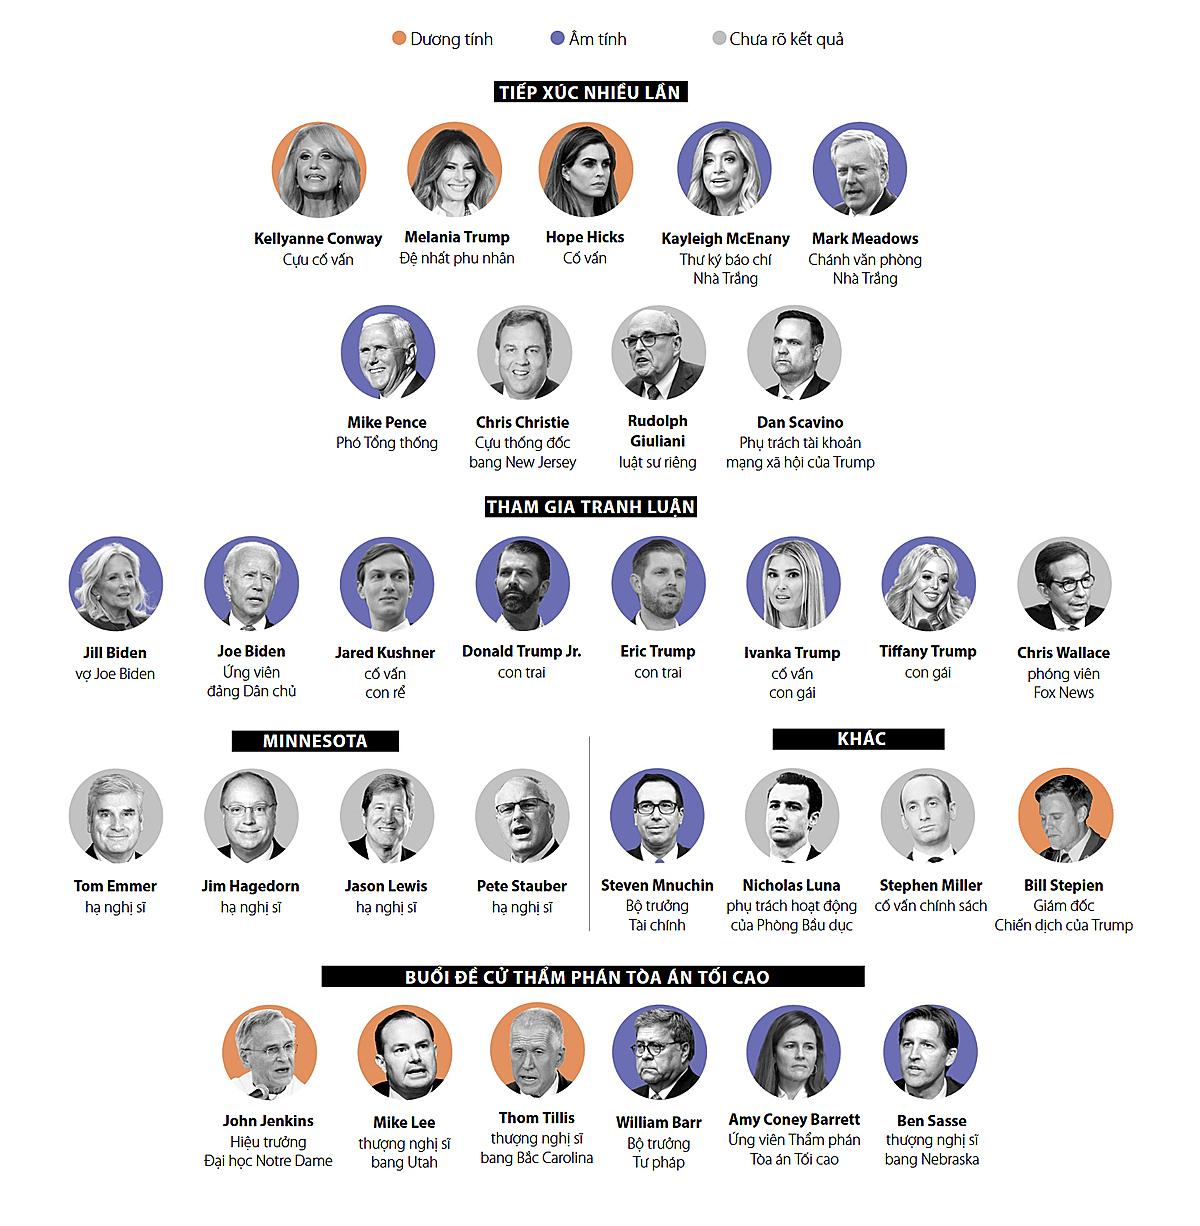 Những người tiếp xúc gần với Trump 7 ngày qua. Đồ họa: Washington Post.